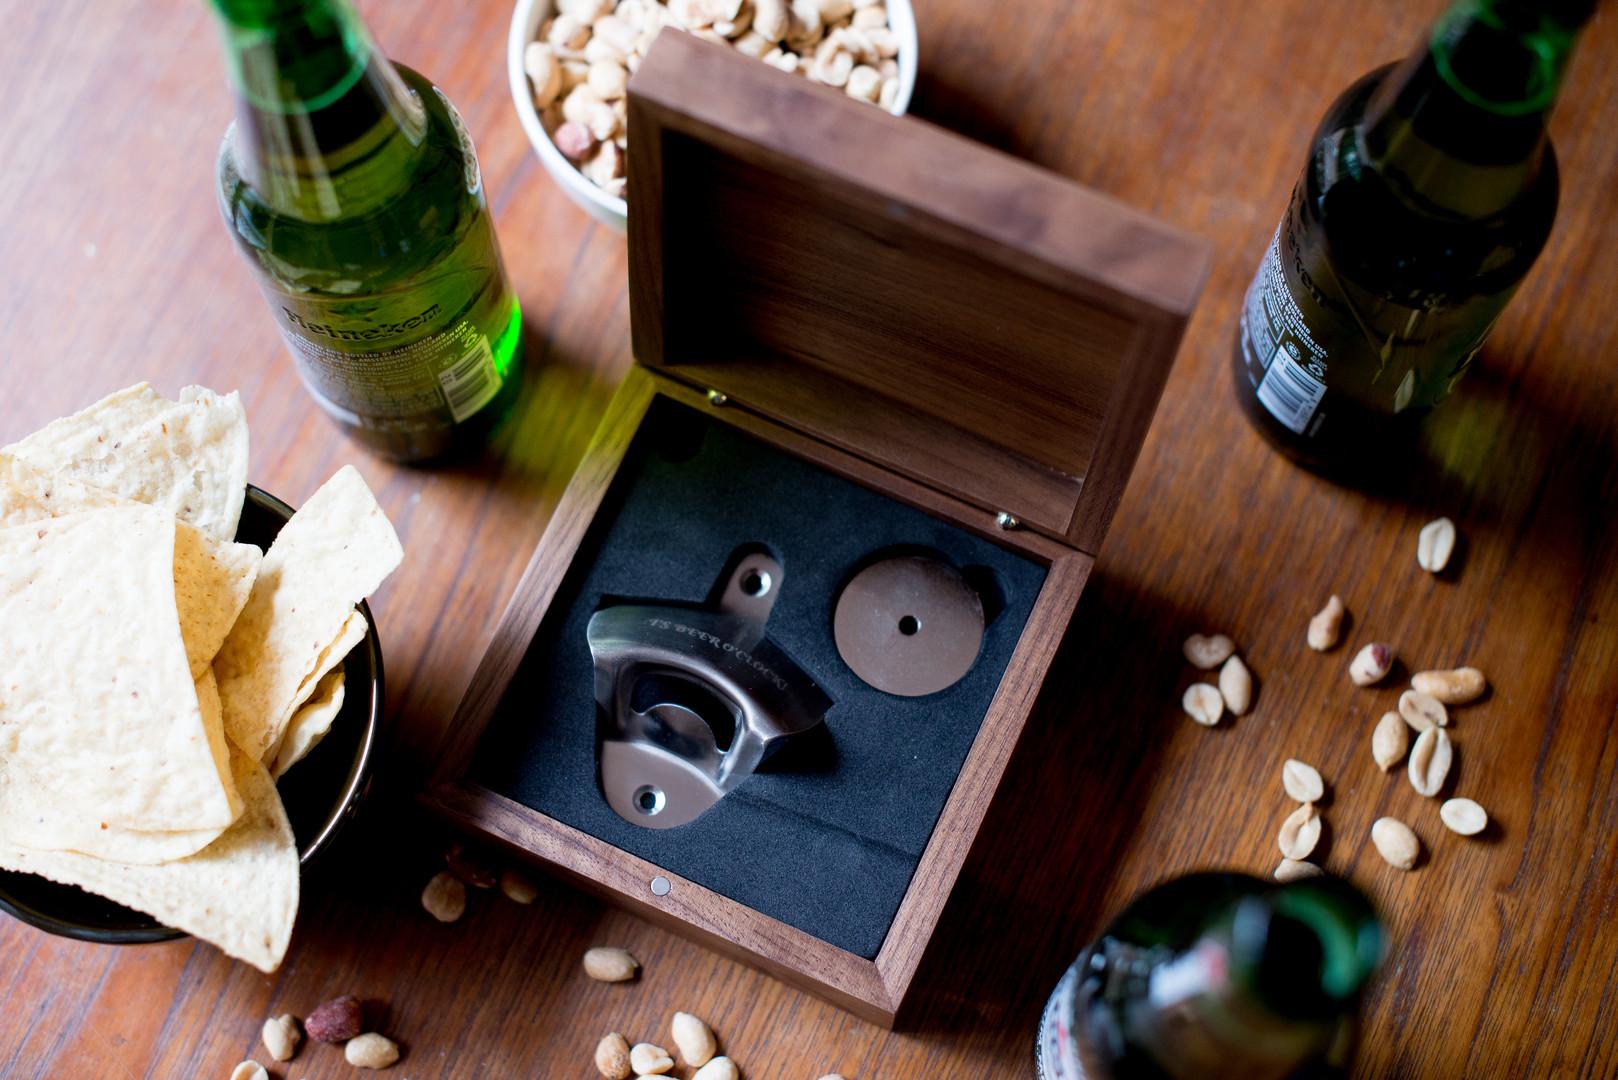 gift box with wall-mounted bottle opener